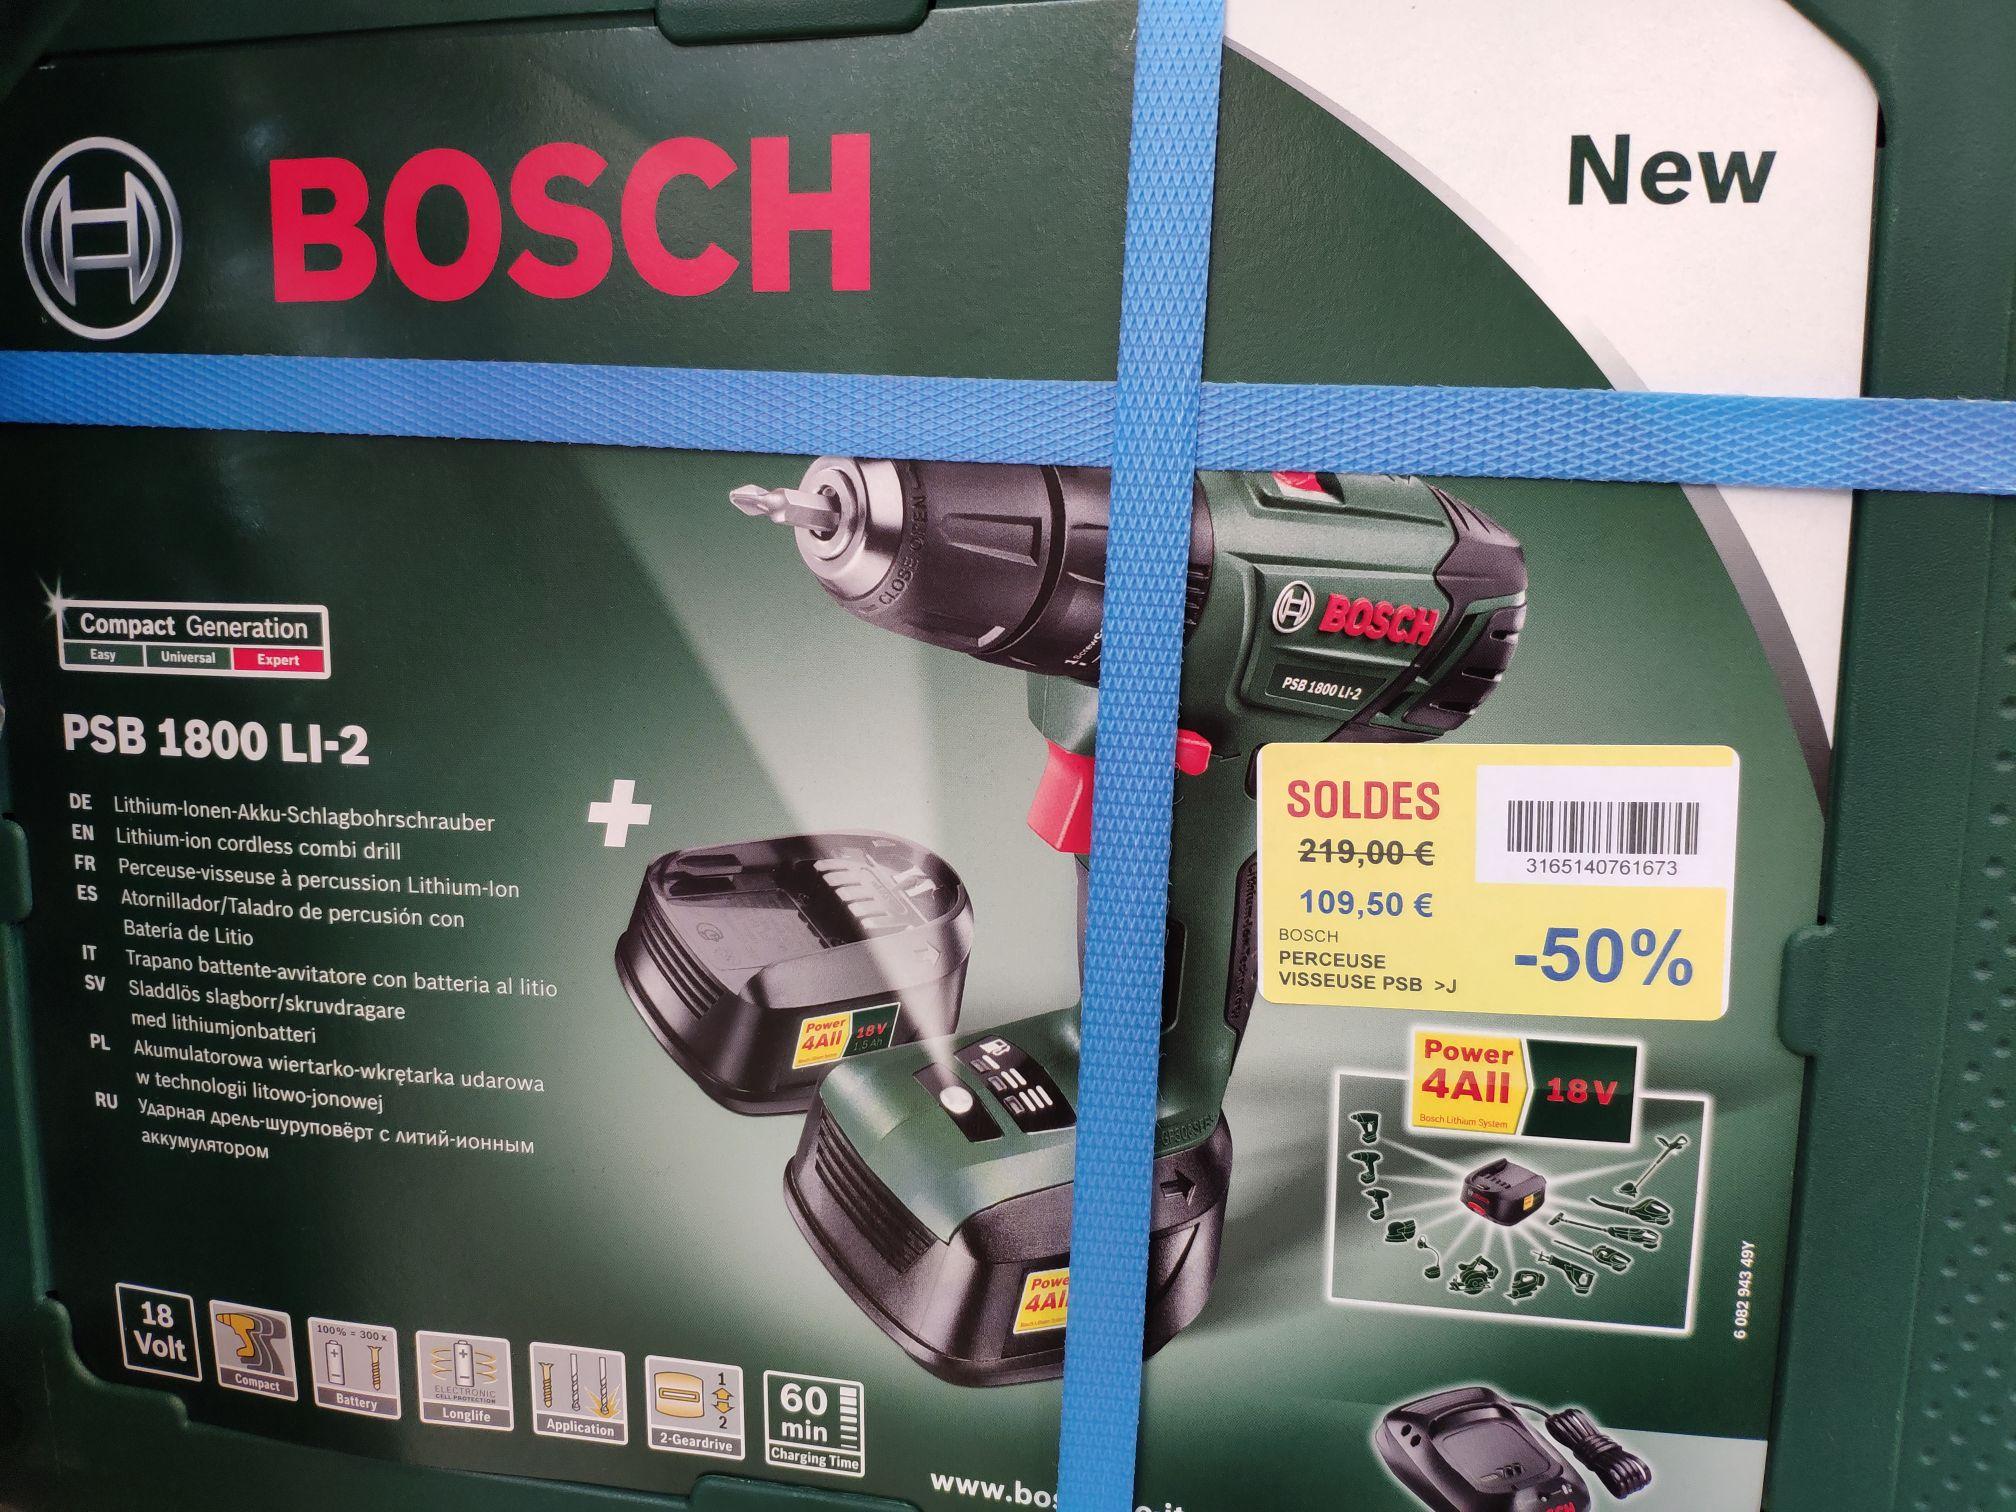 Perceuse-visseuse sans-fil Bosch PSB 1800 Li-2 (18 V) - avec chargeur et 2 batteries 1.5 Ah - Labège (31)